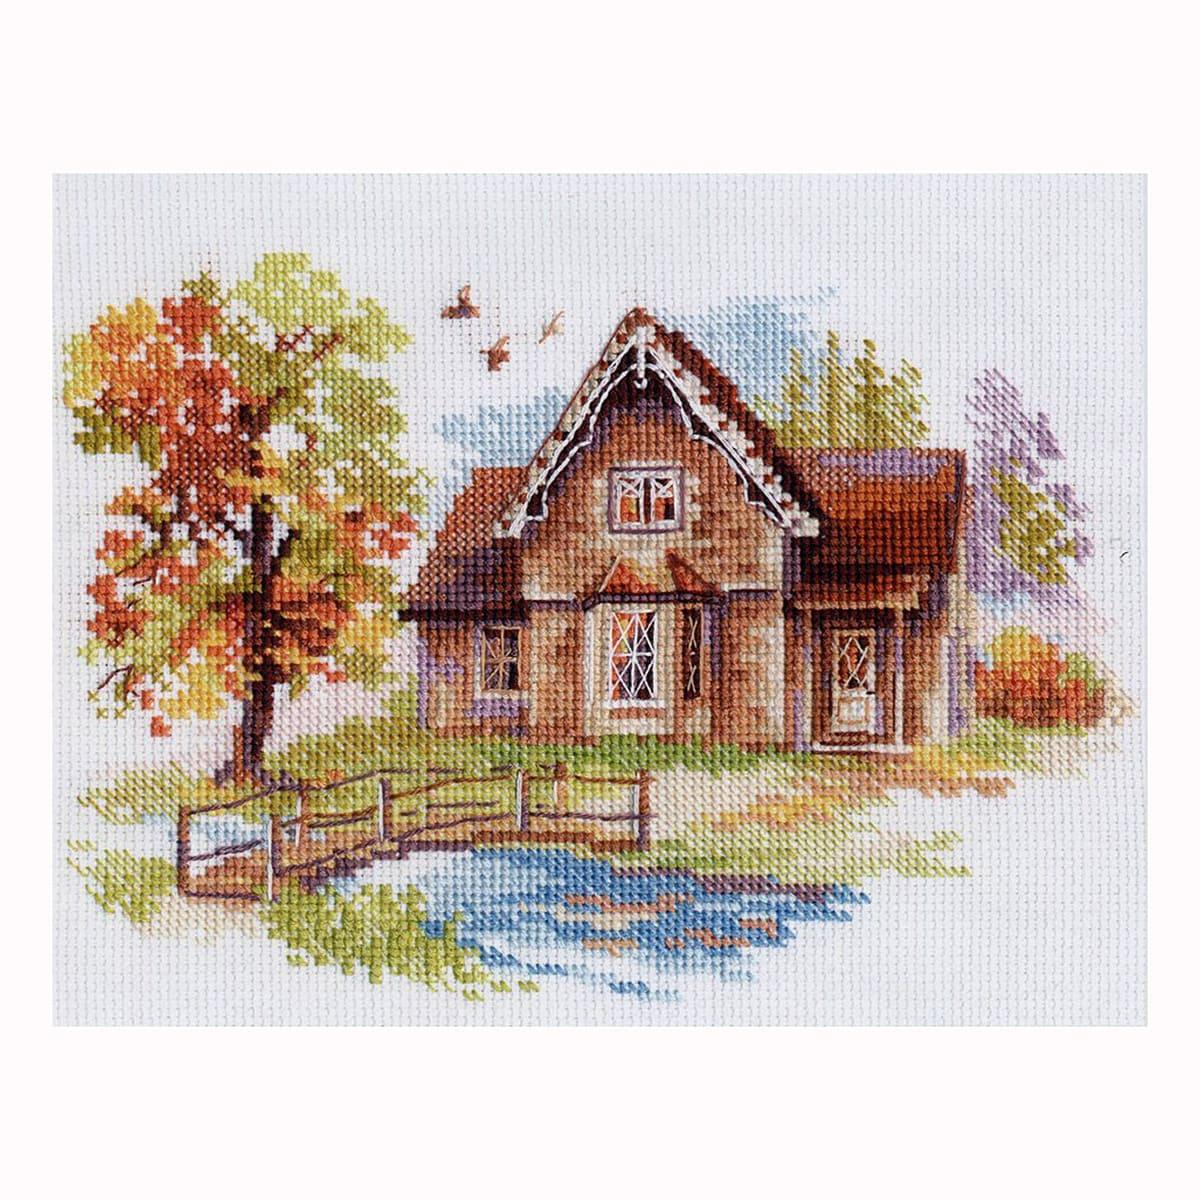 3-21 Набор для вышивания АЛИСА 'Сентябрьский домик' 18*14см